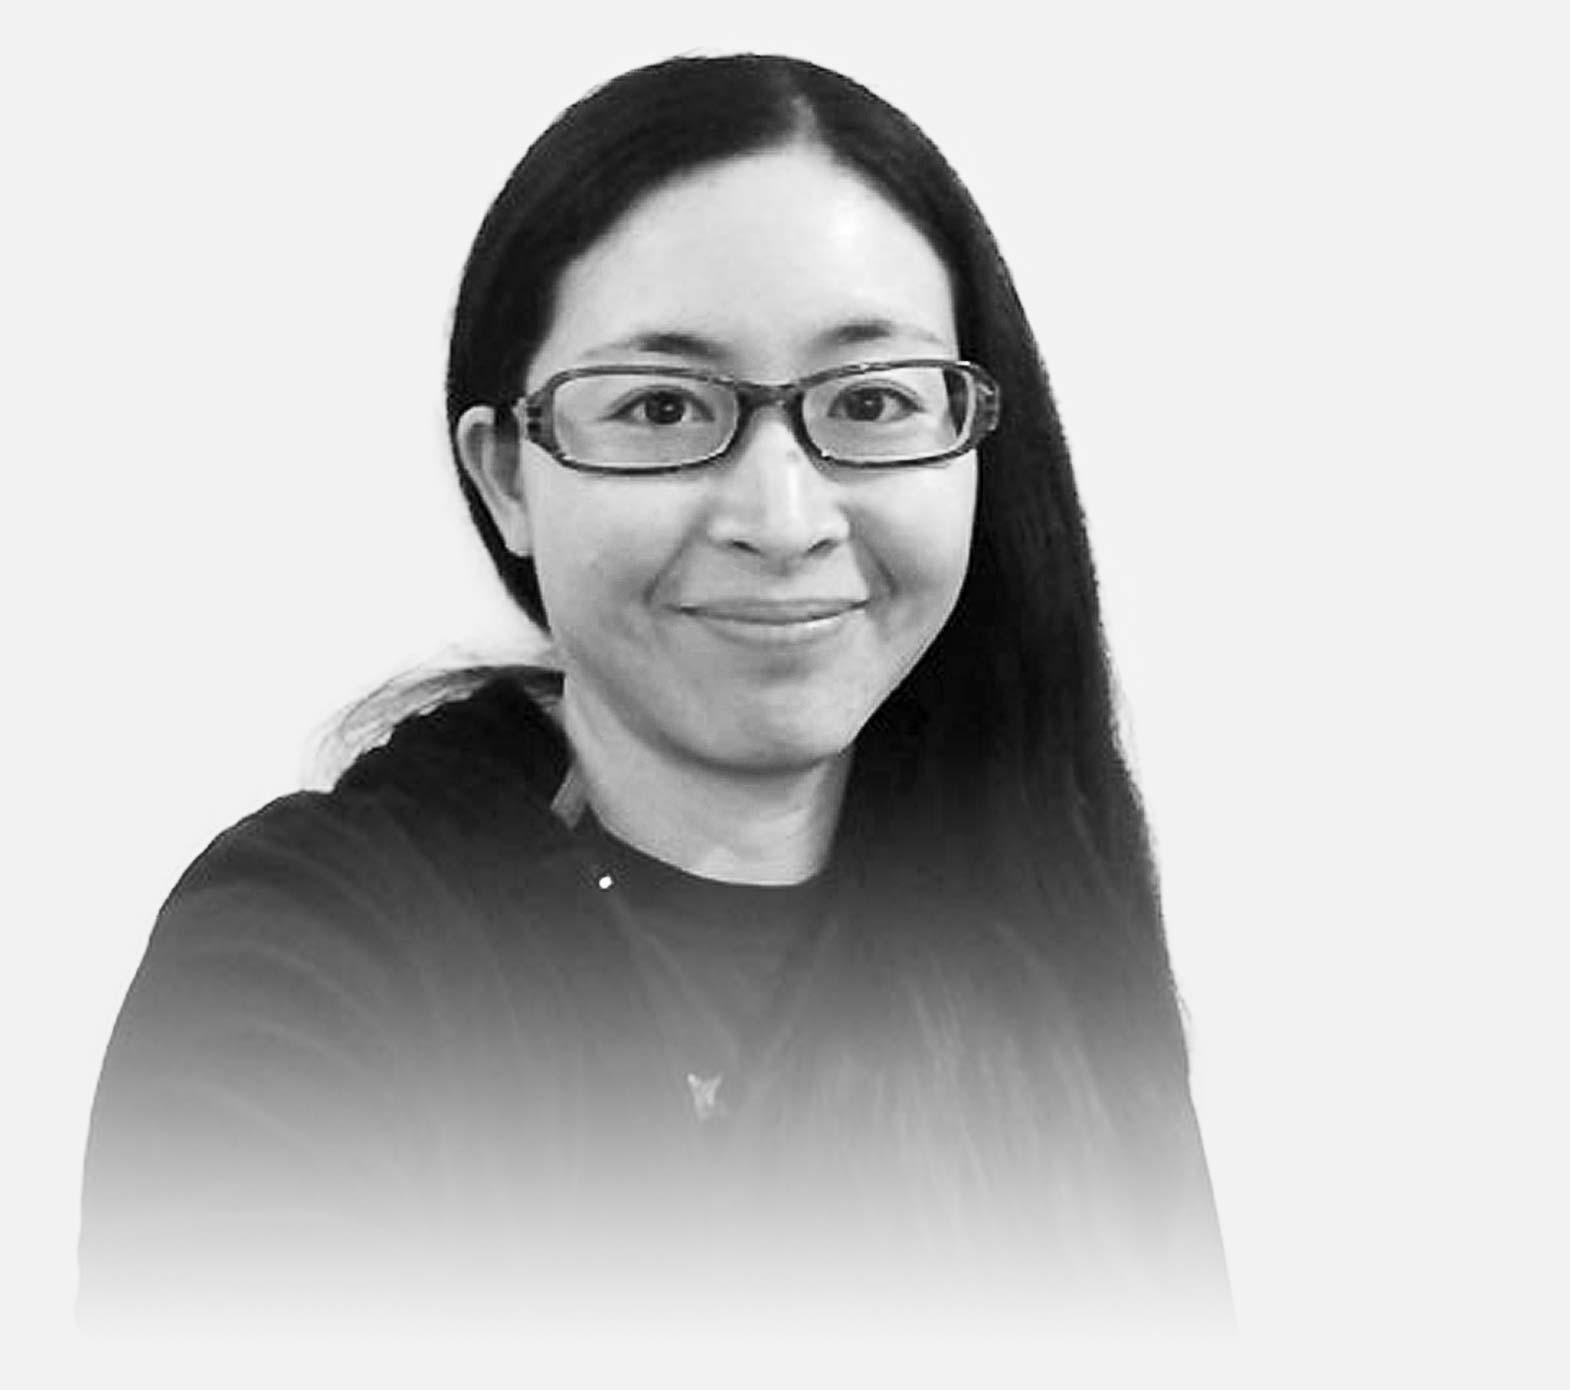 Portrait of Jess Chua